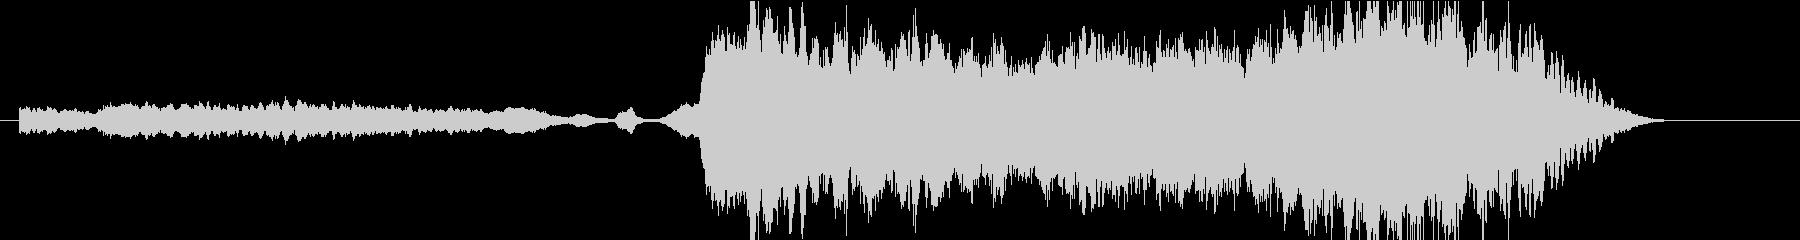 バイオリンの音の場面転換用楽曲01の未再生の波形